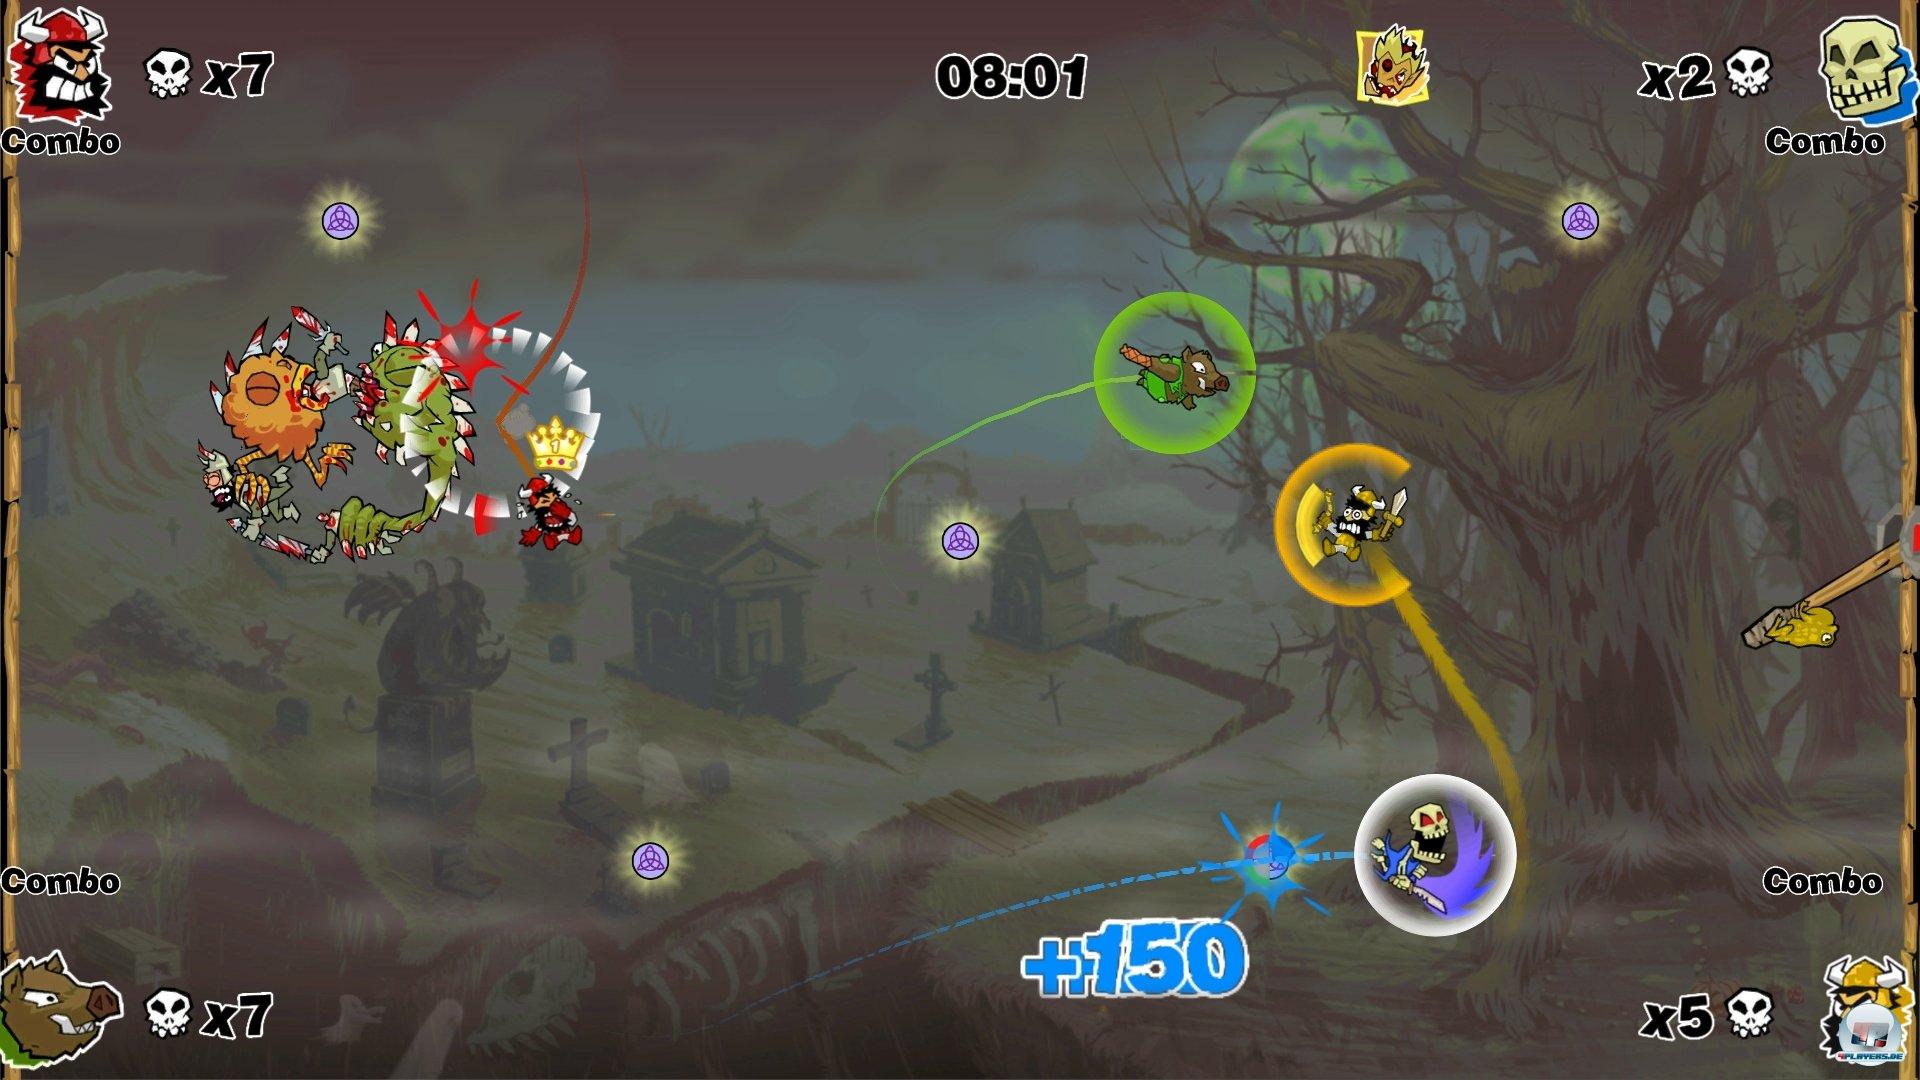 Der Mehrspielermodus beschränkt sich leider auf lokale Duelle gegen Freunde und KI-Gegner.